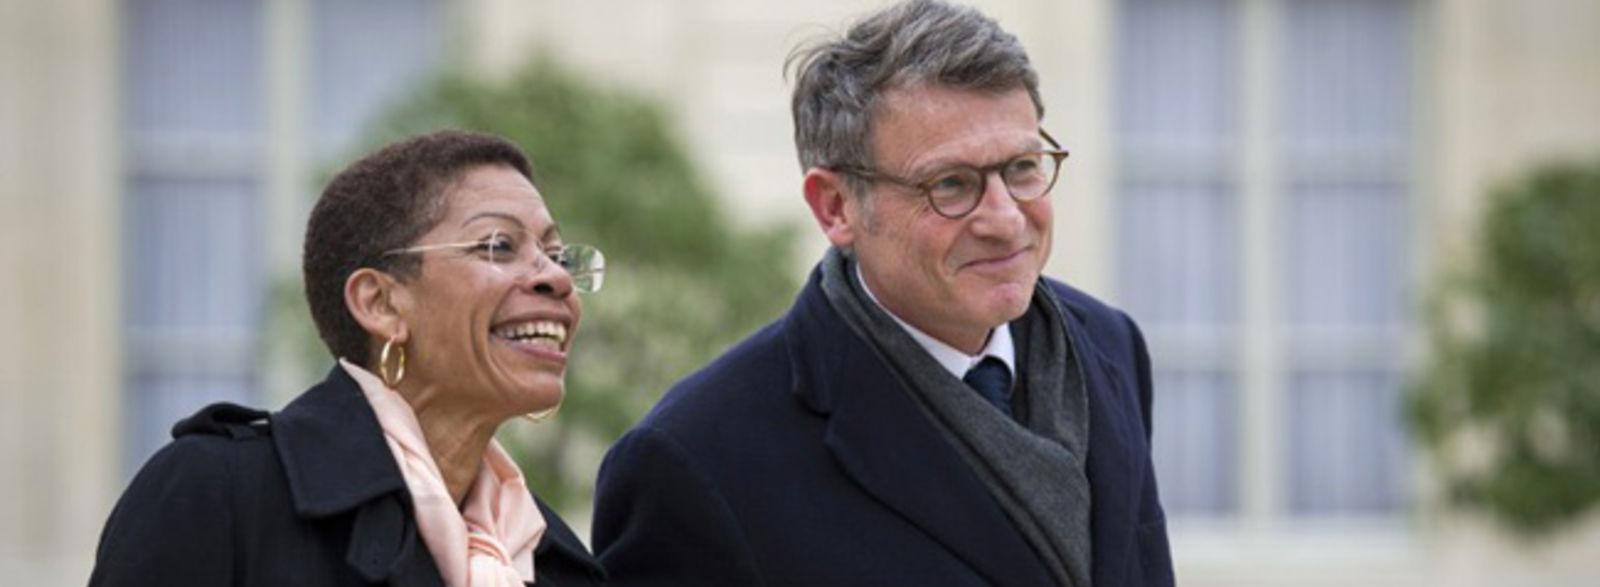 Ce que disent les nouveaux rapports «cachés» de l'Éducation nationale